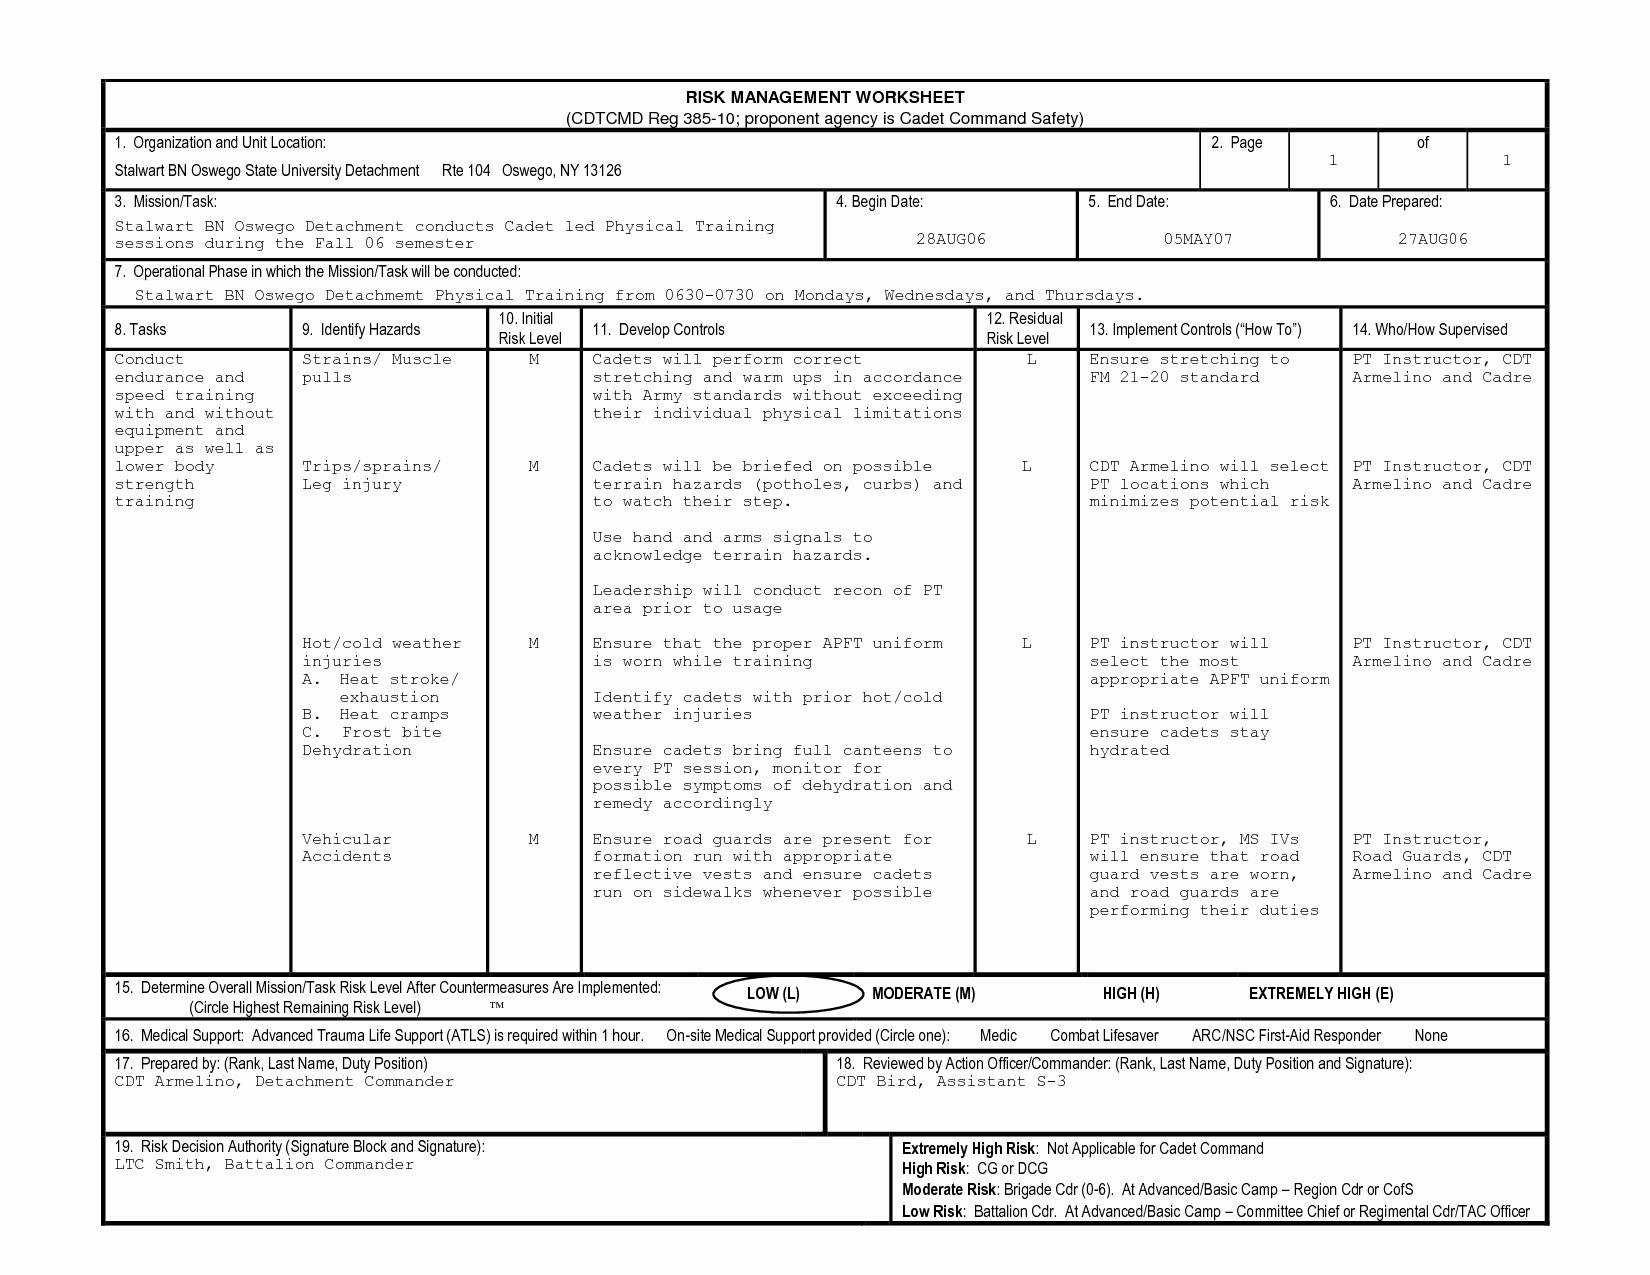 33 Risk Assessment Worksheet Template